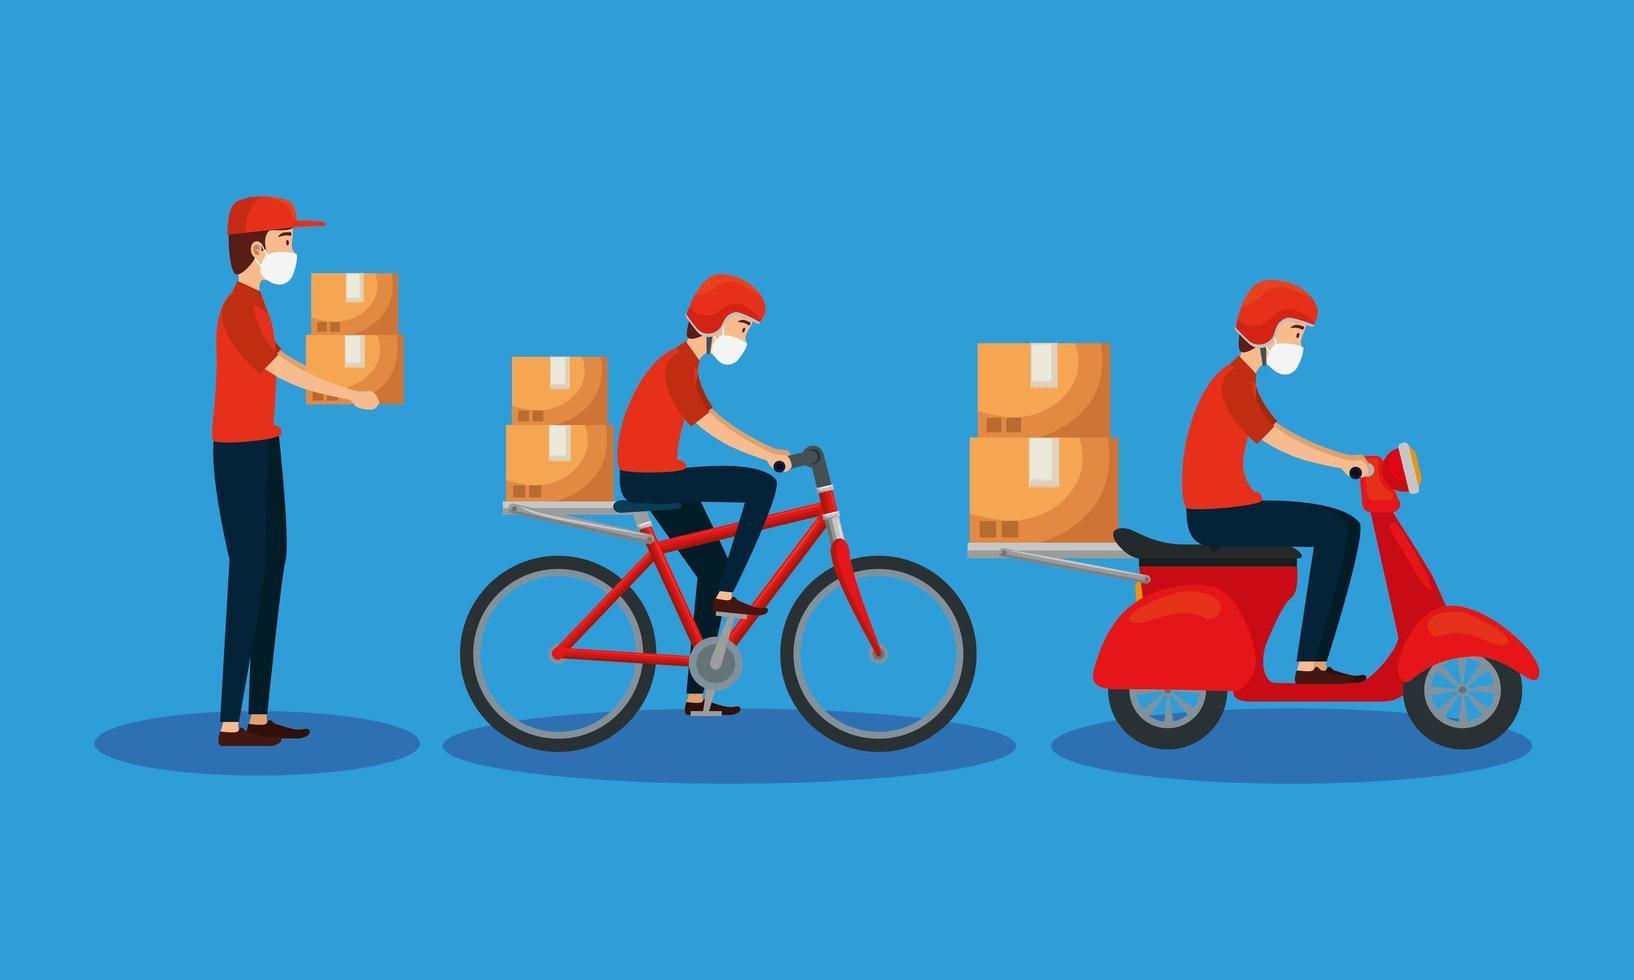 bannière de livraison et logistique vecteur